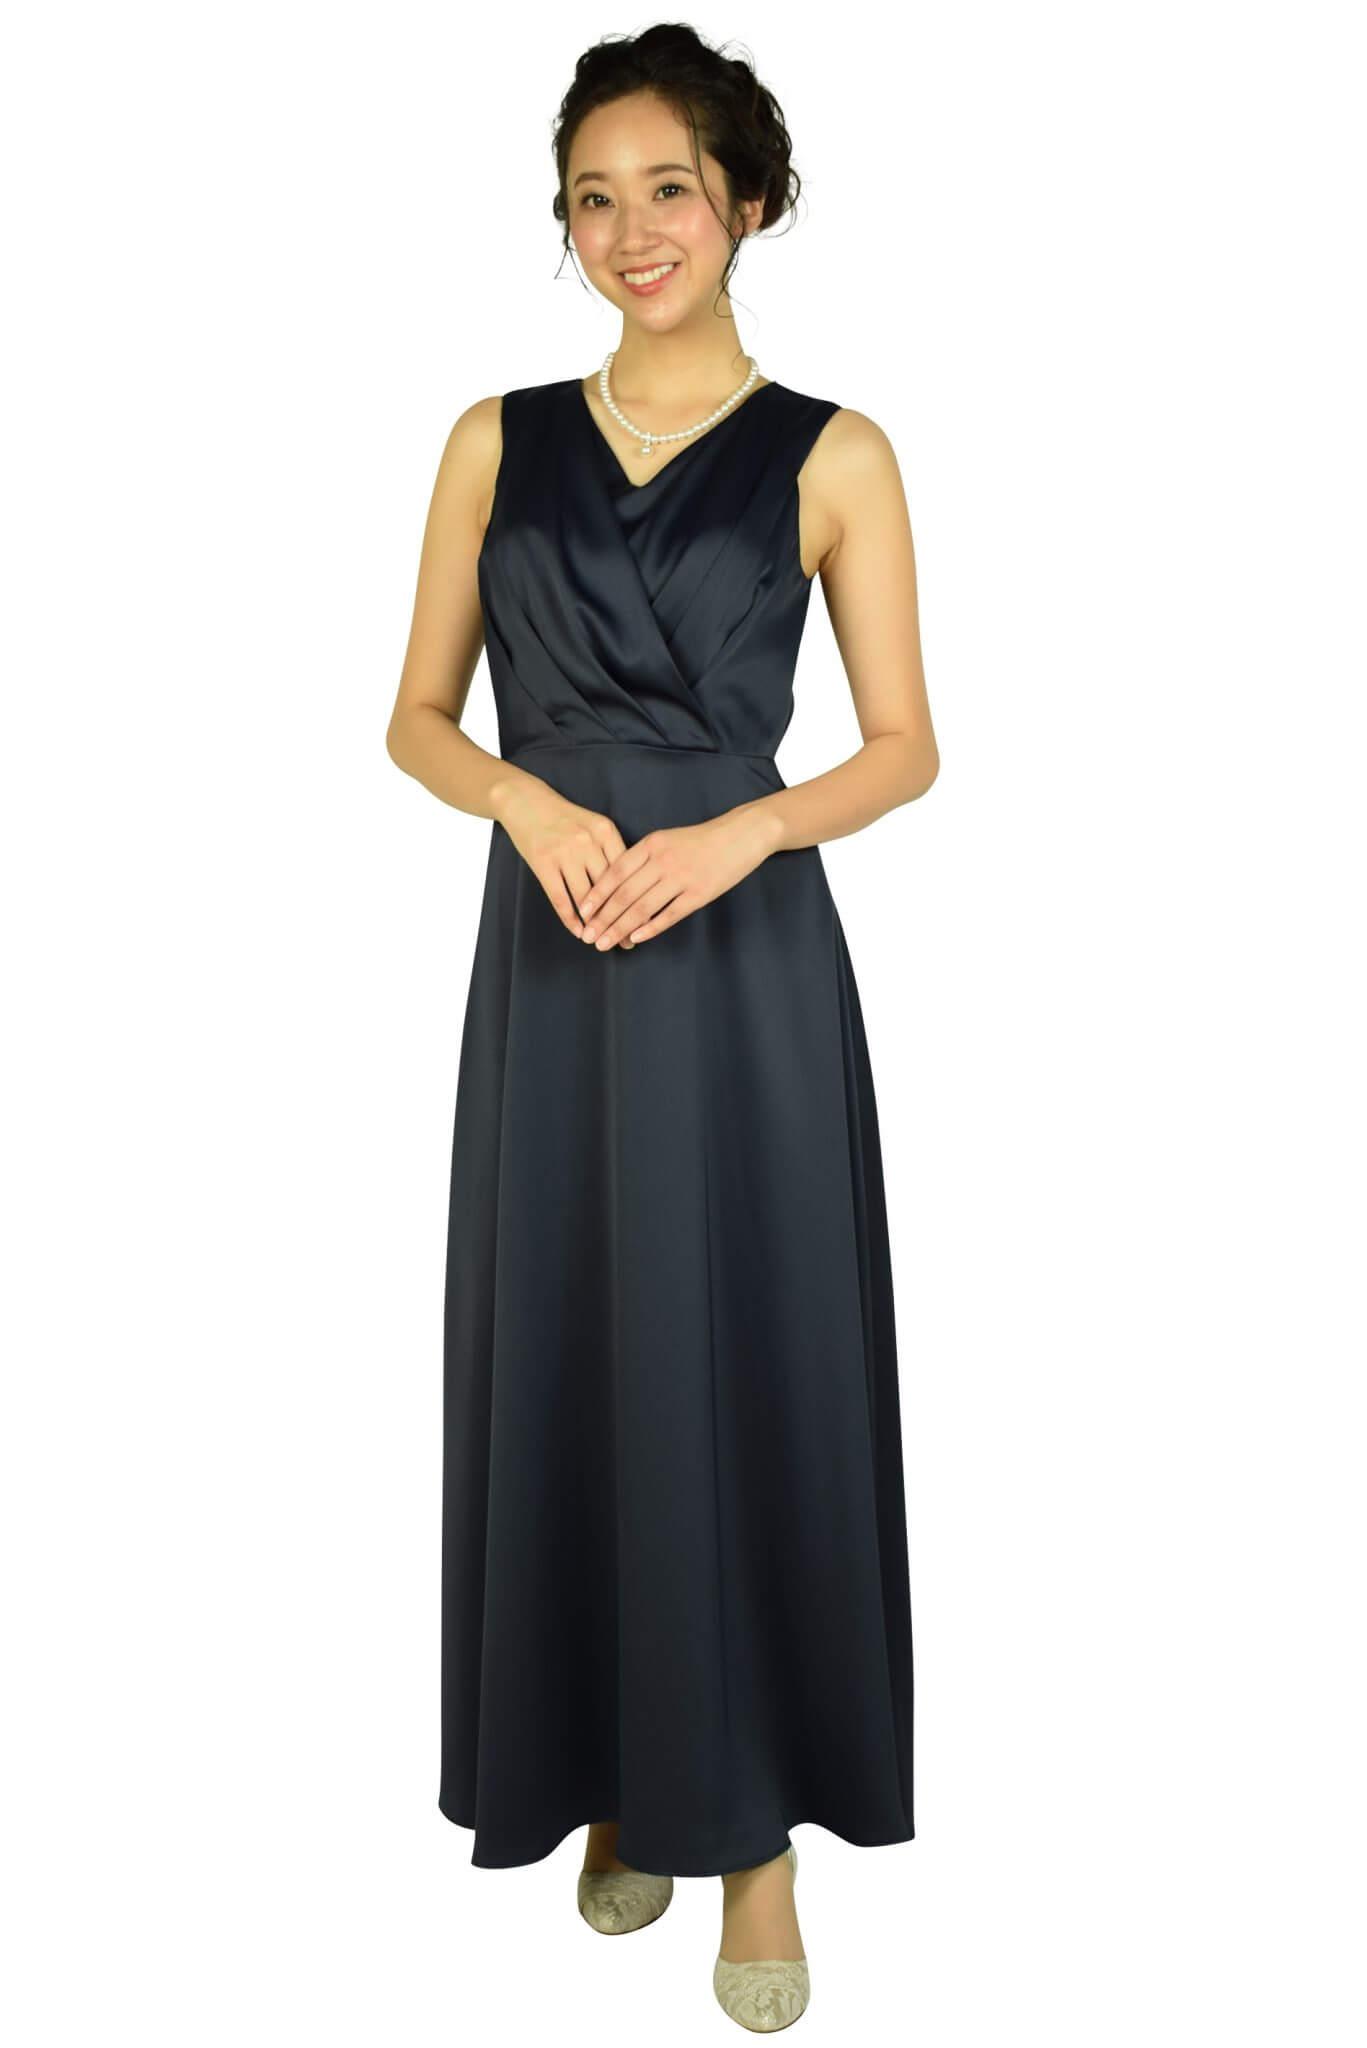 エルモソ リュクス (Hermoso luxe)カシュクールネイビーロングドレス